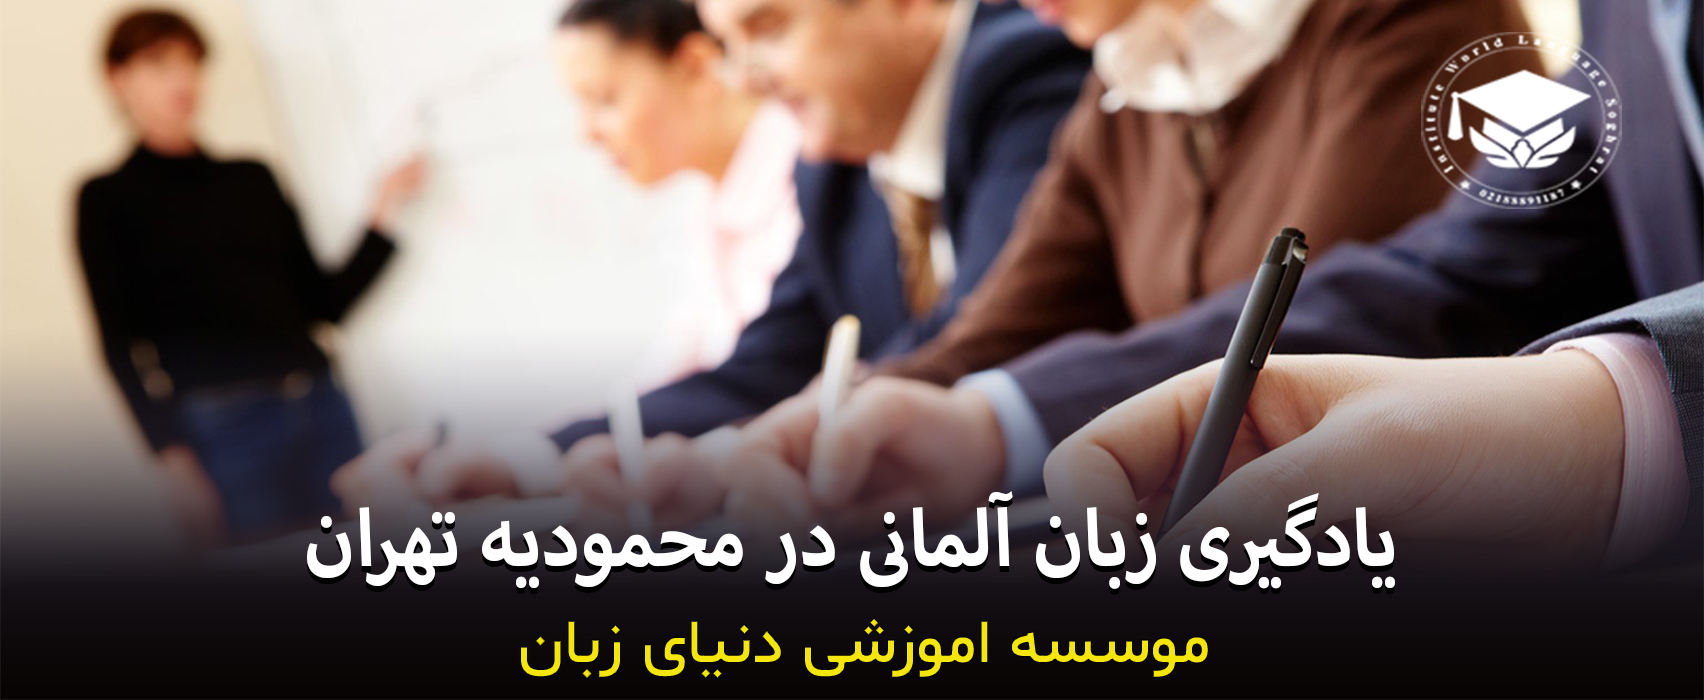 تدریس خصوصی زبان آلمانی در محمودیه